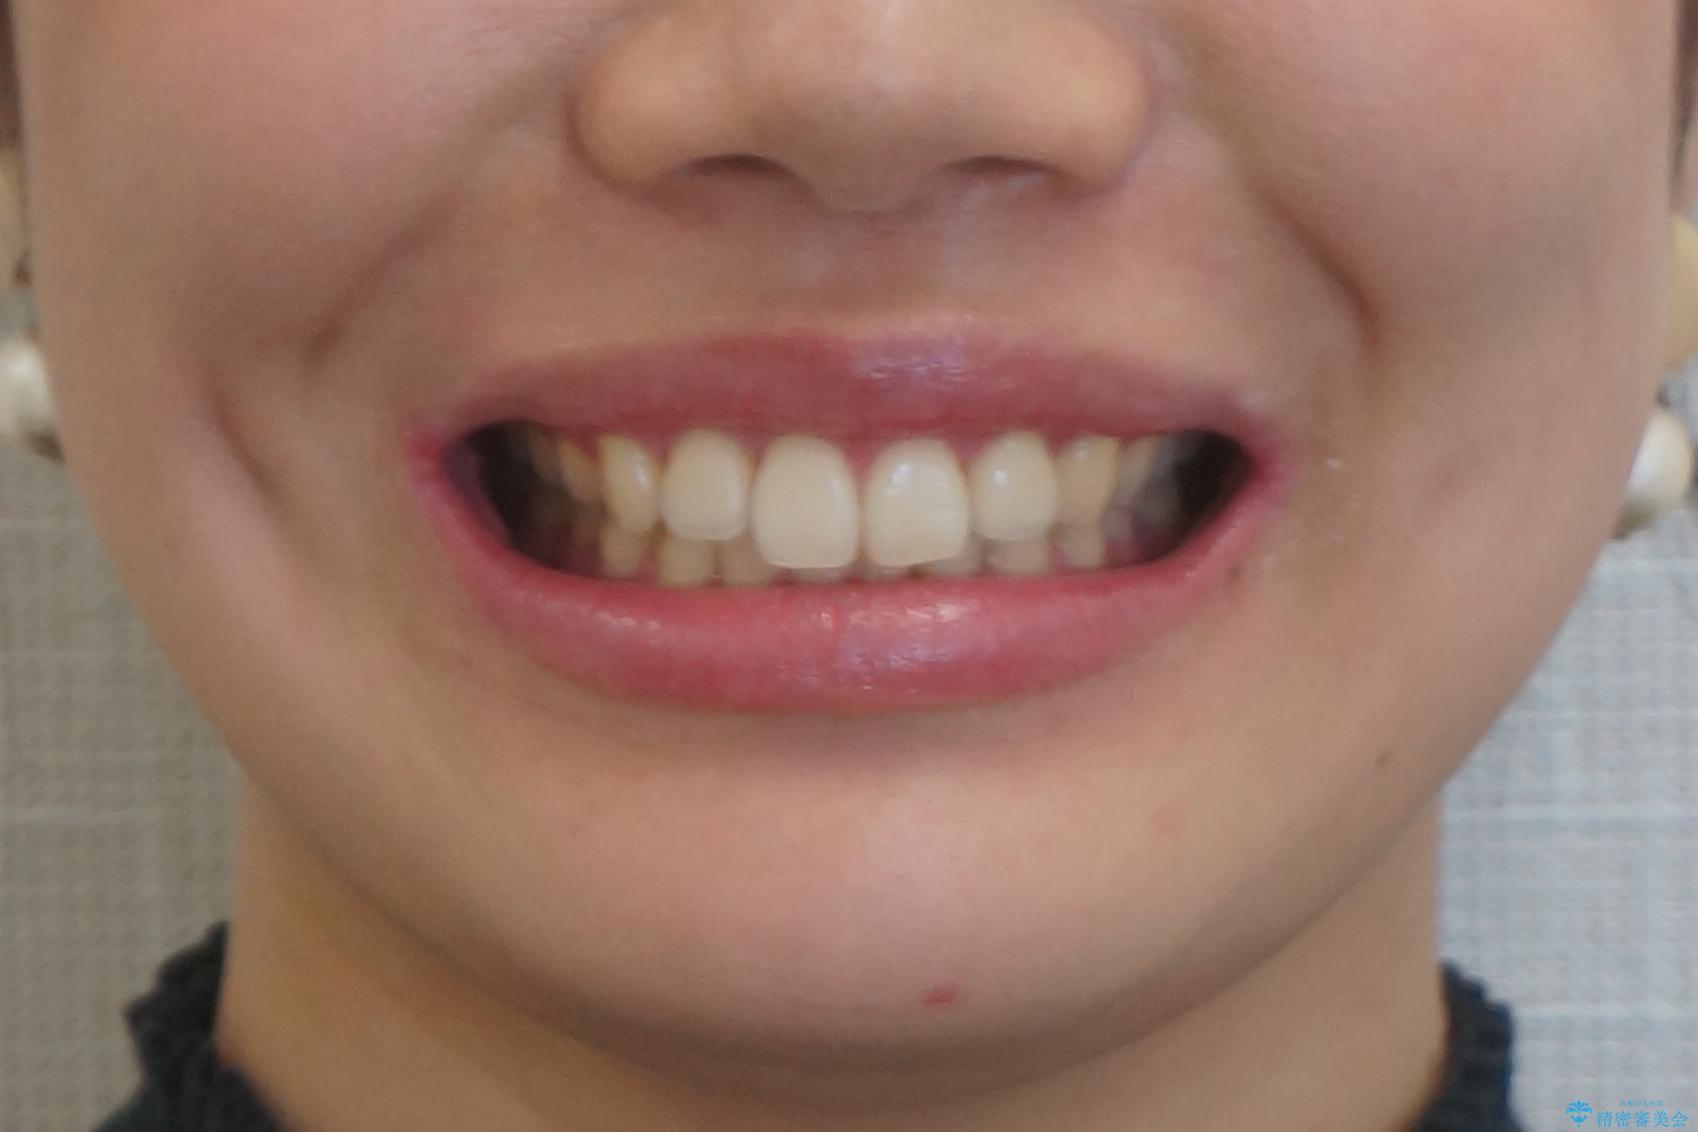 下の前歯が1本短い インビザラインと部分矯正の組み合わせの治療後(顔貌)